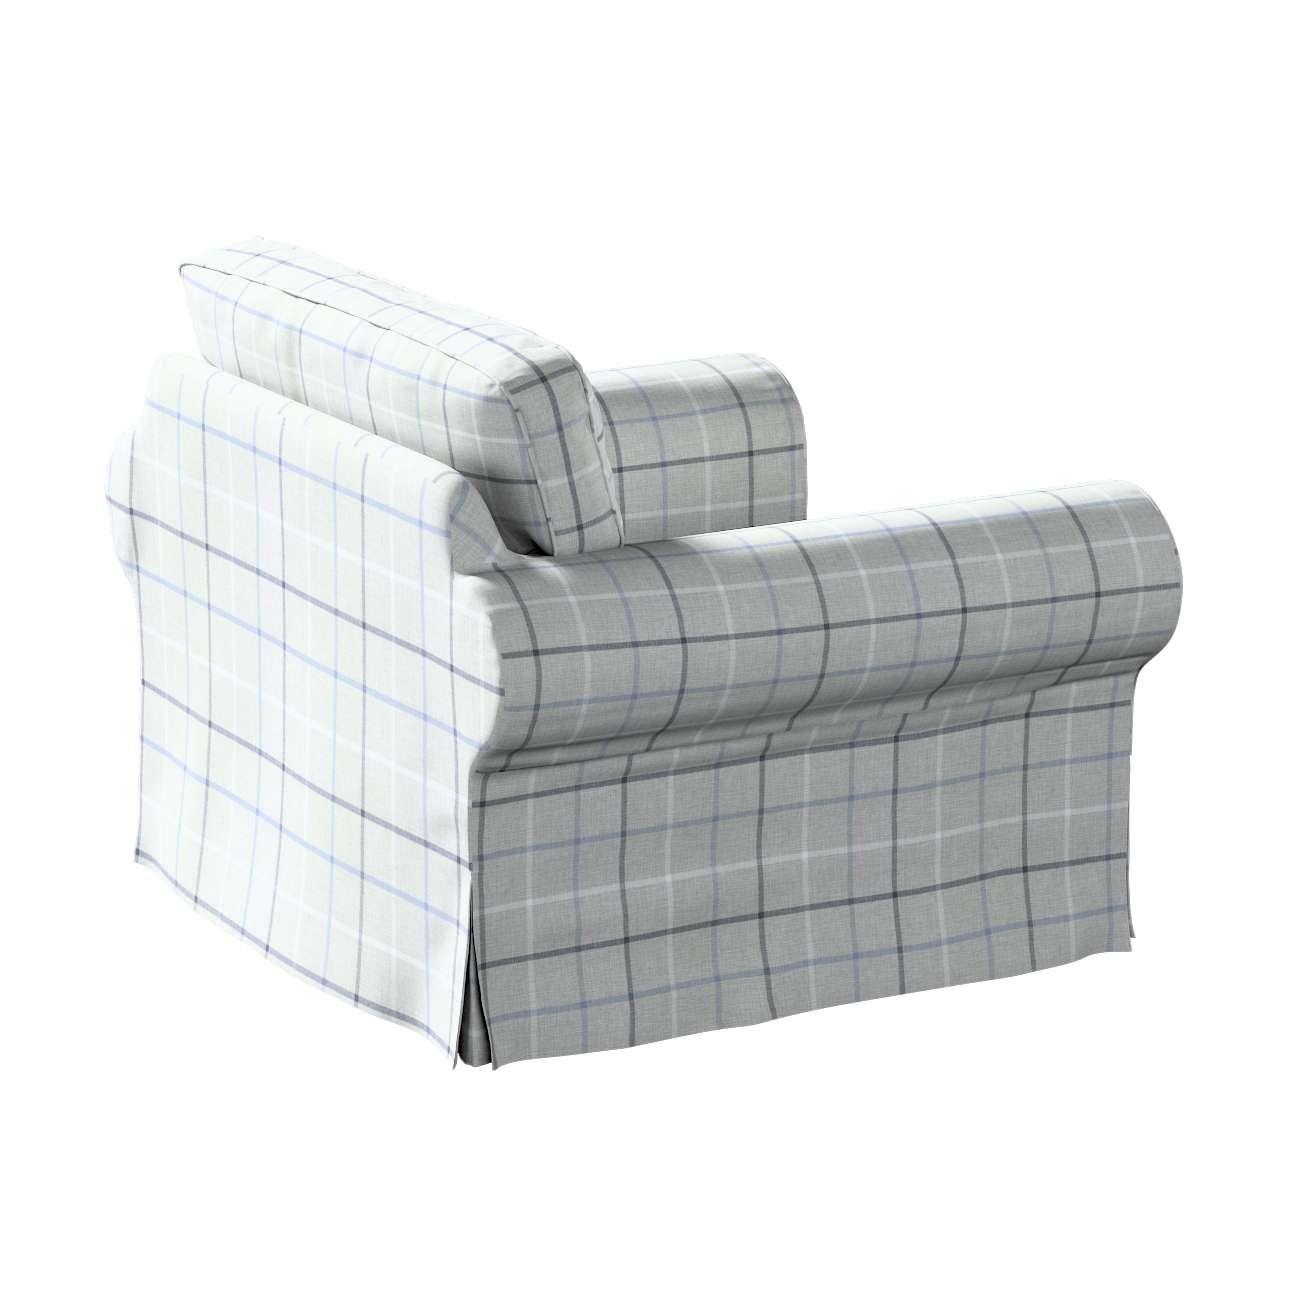 Pokrowiec na fotel Ektorp w kolekcji Edinburgh, tkanina: 703-18